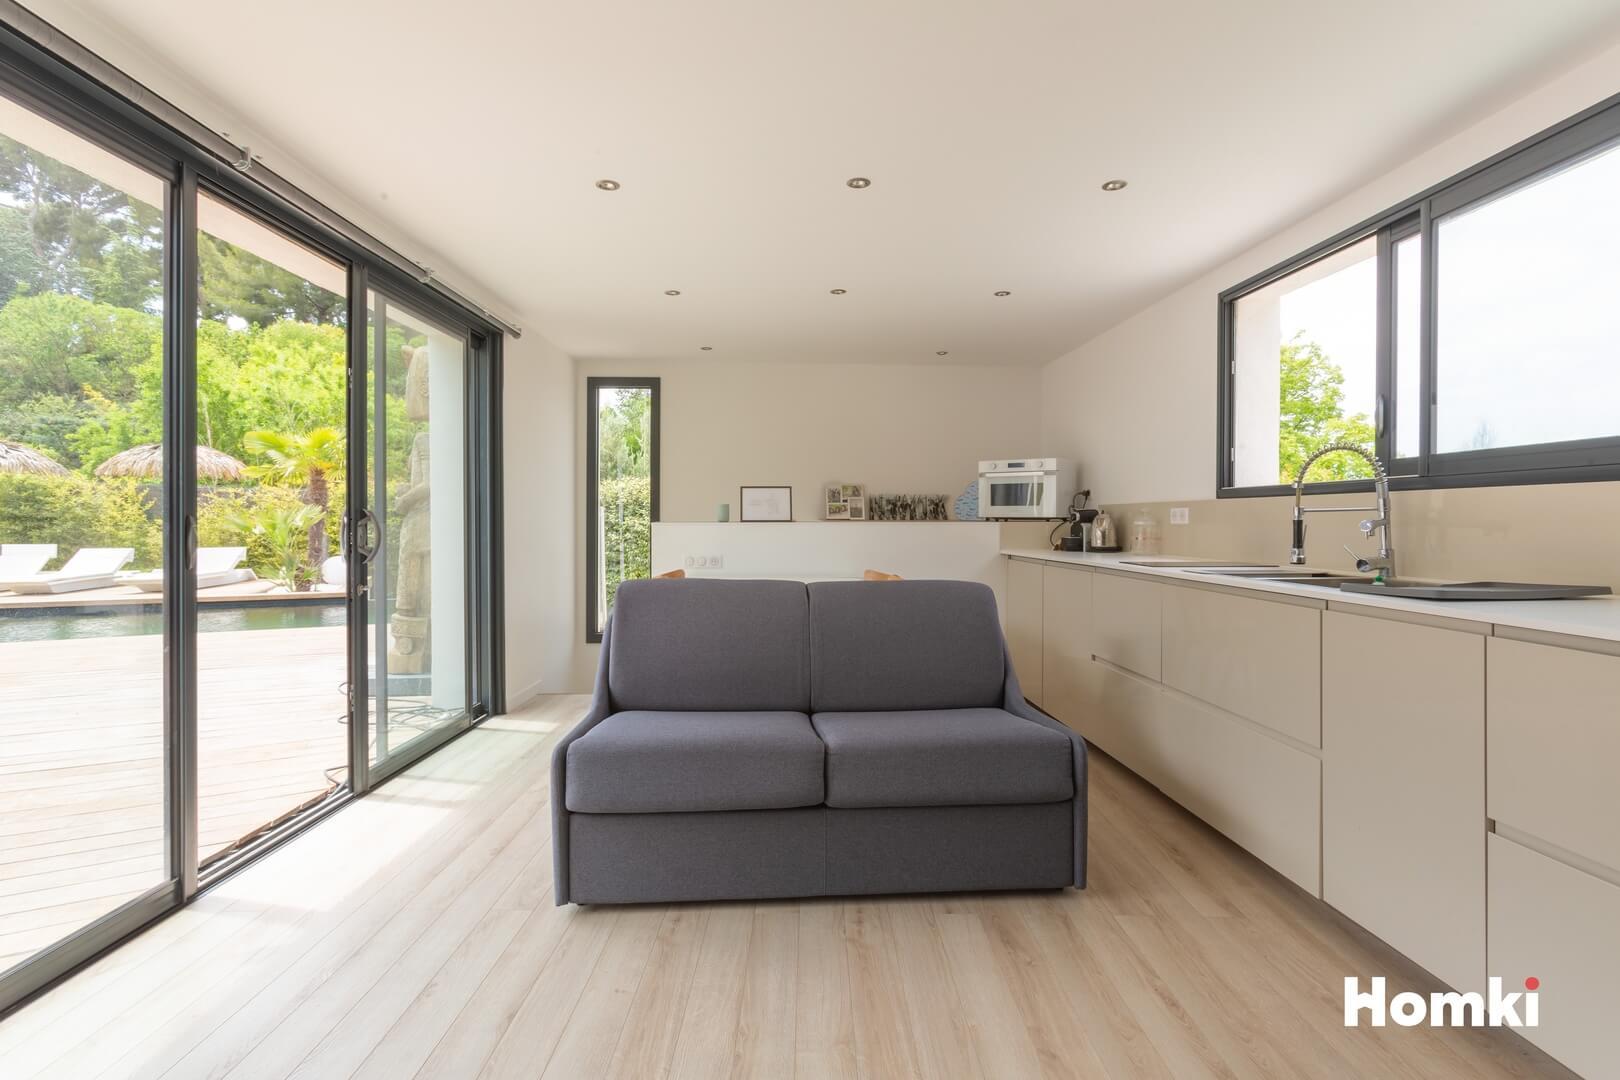 Homki - Vente Maison/villa  de 350.0 m² à Marseille 13011